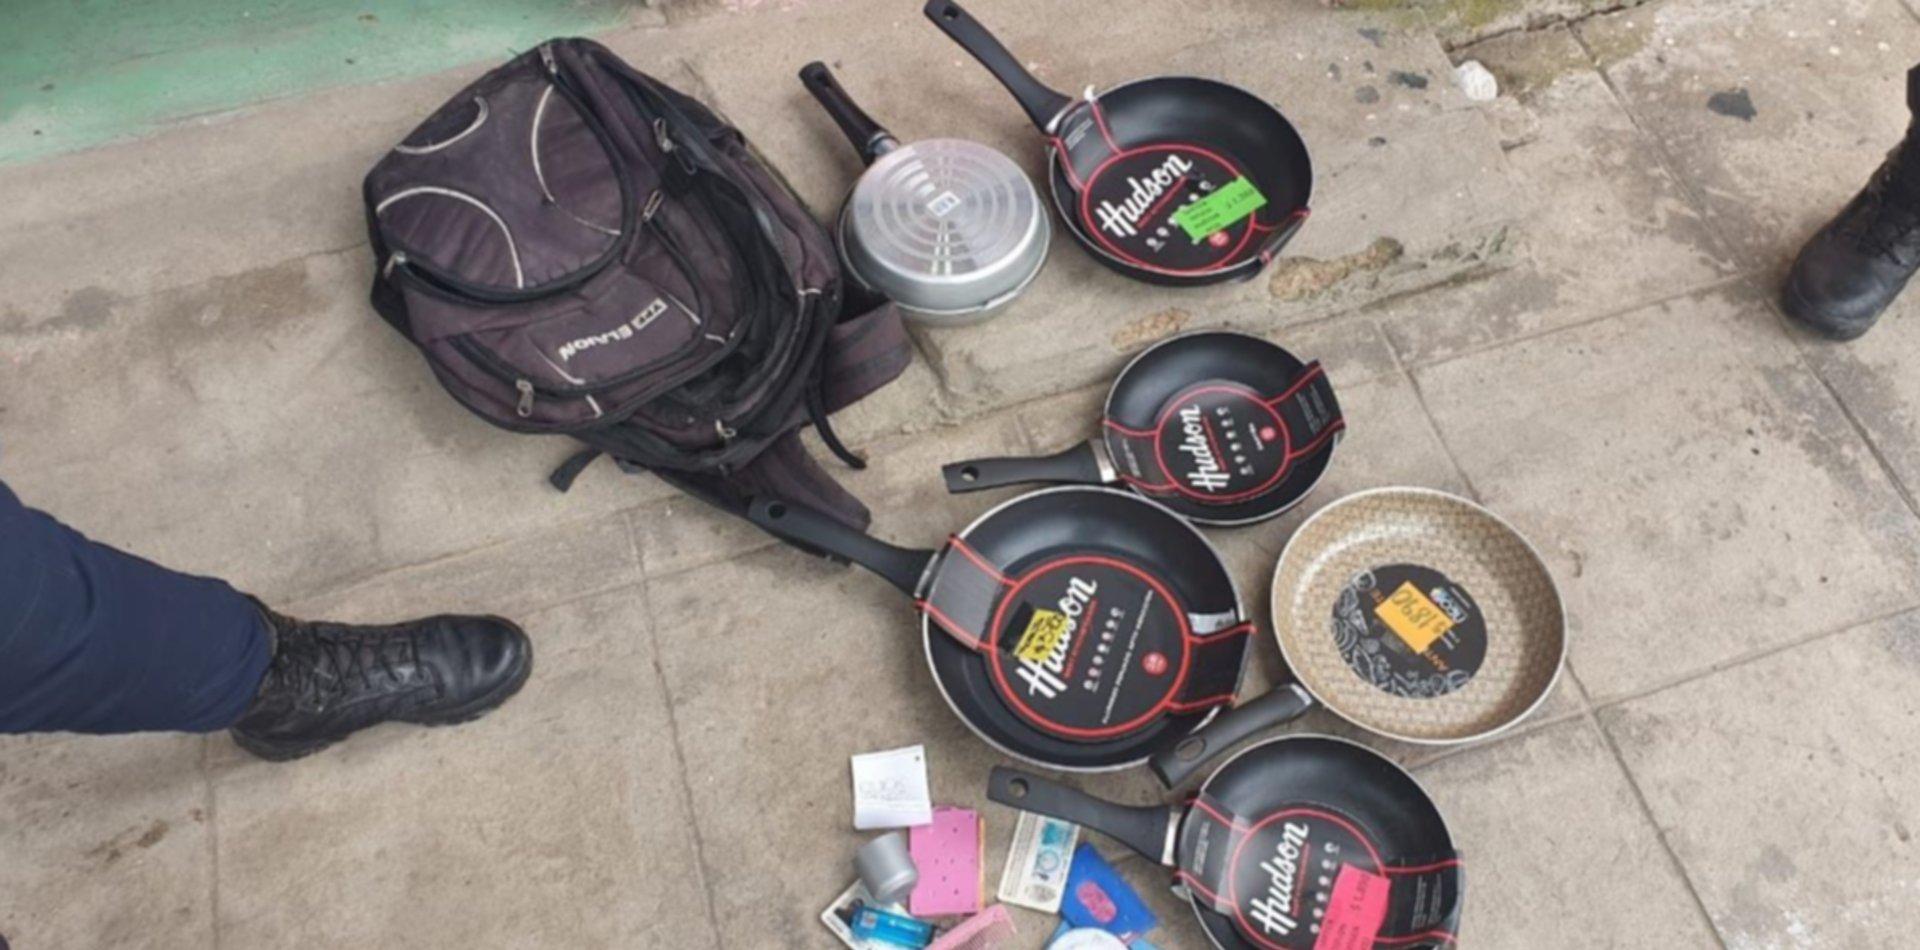 Insólito: robaron siete sartenes de un bazar y descartaron el botín en un kiosco